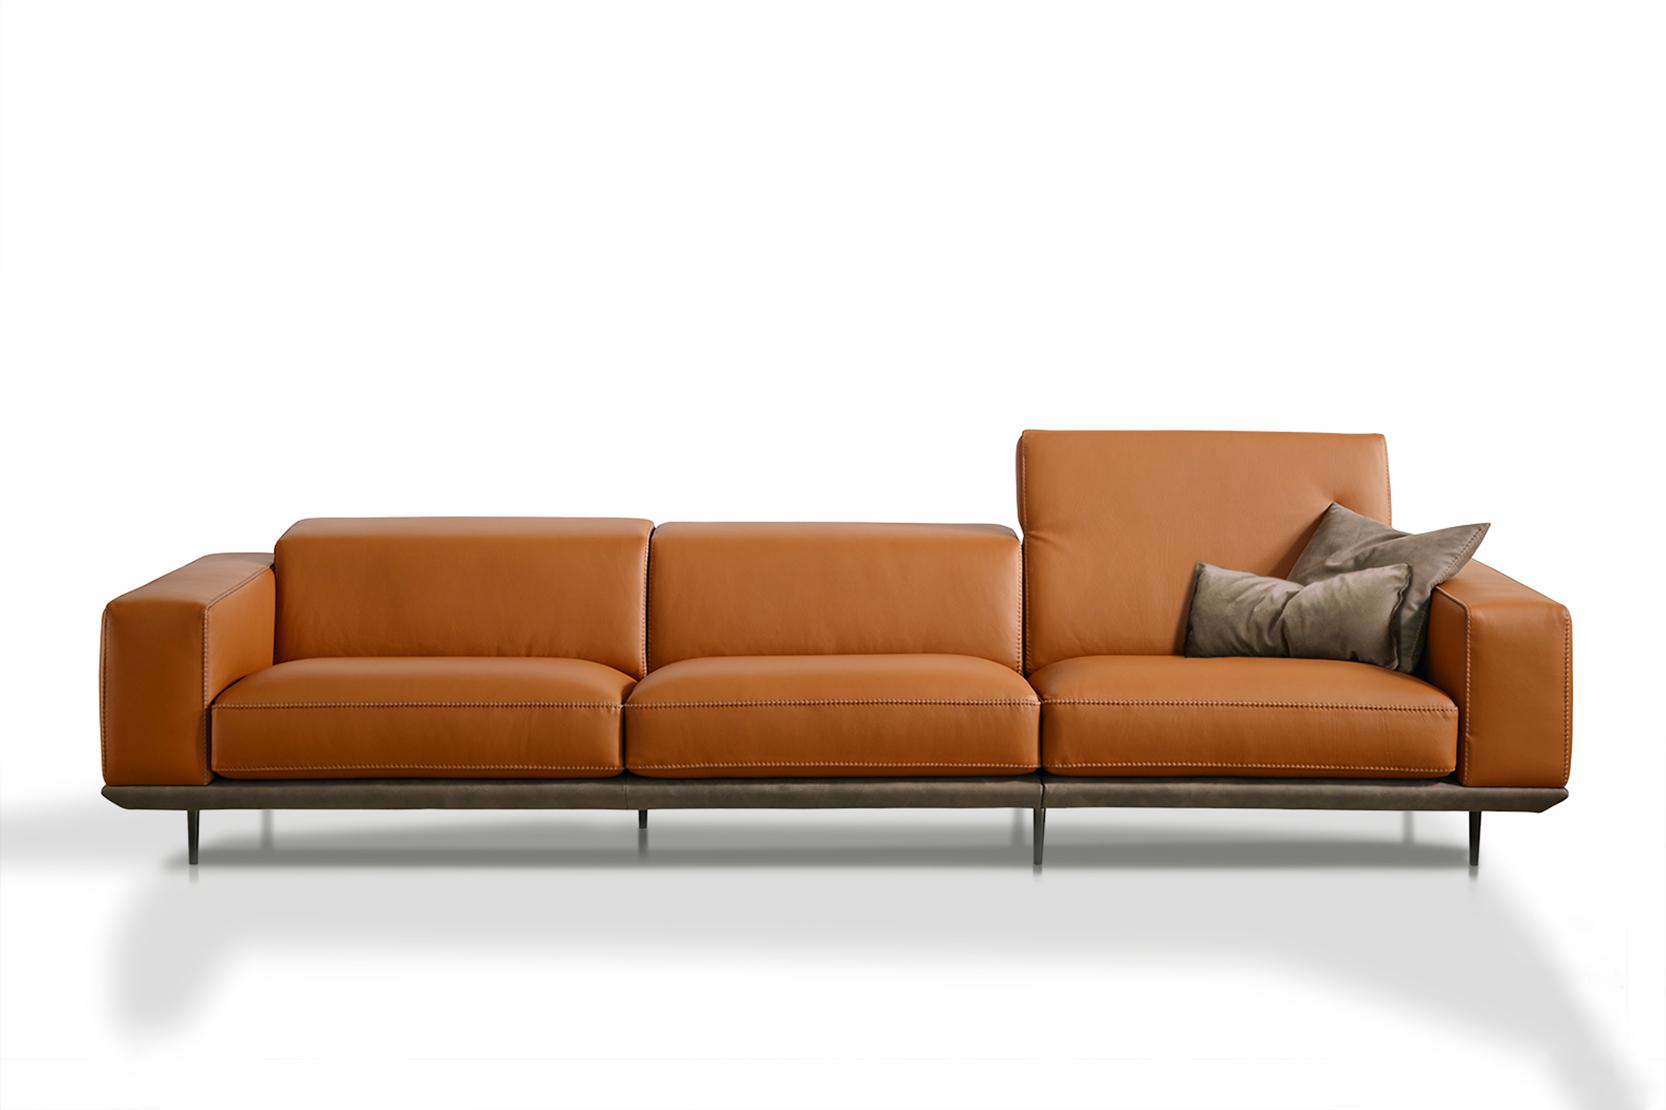 denny sofa